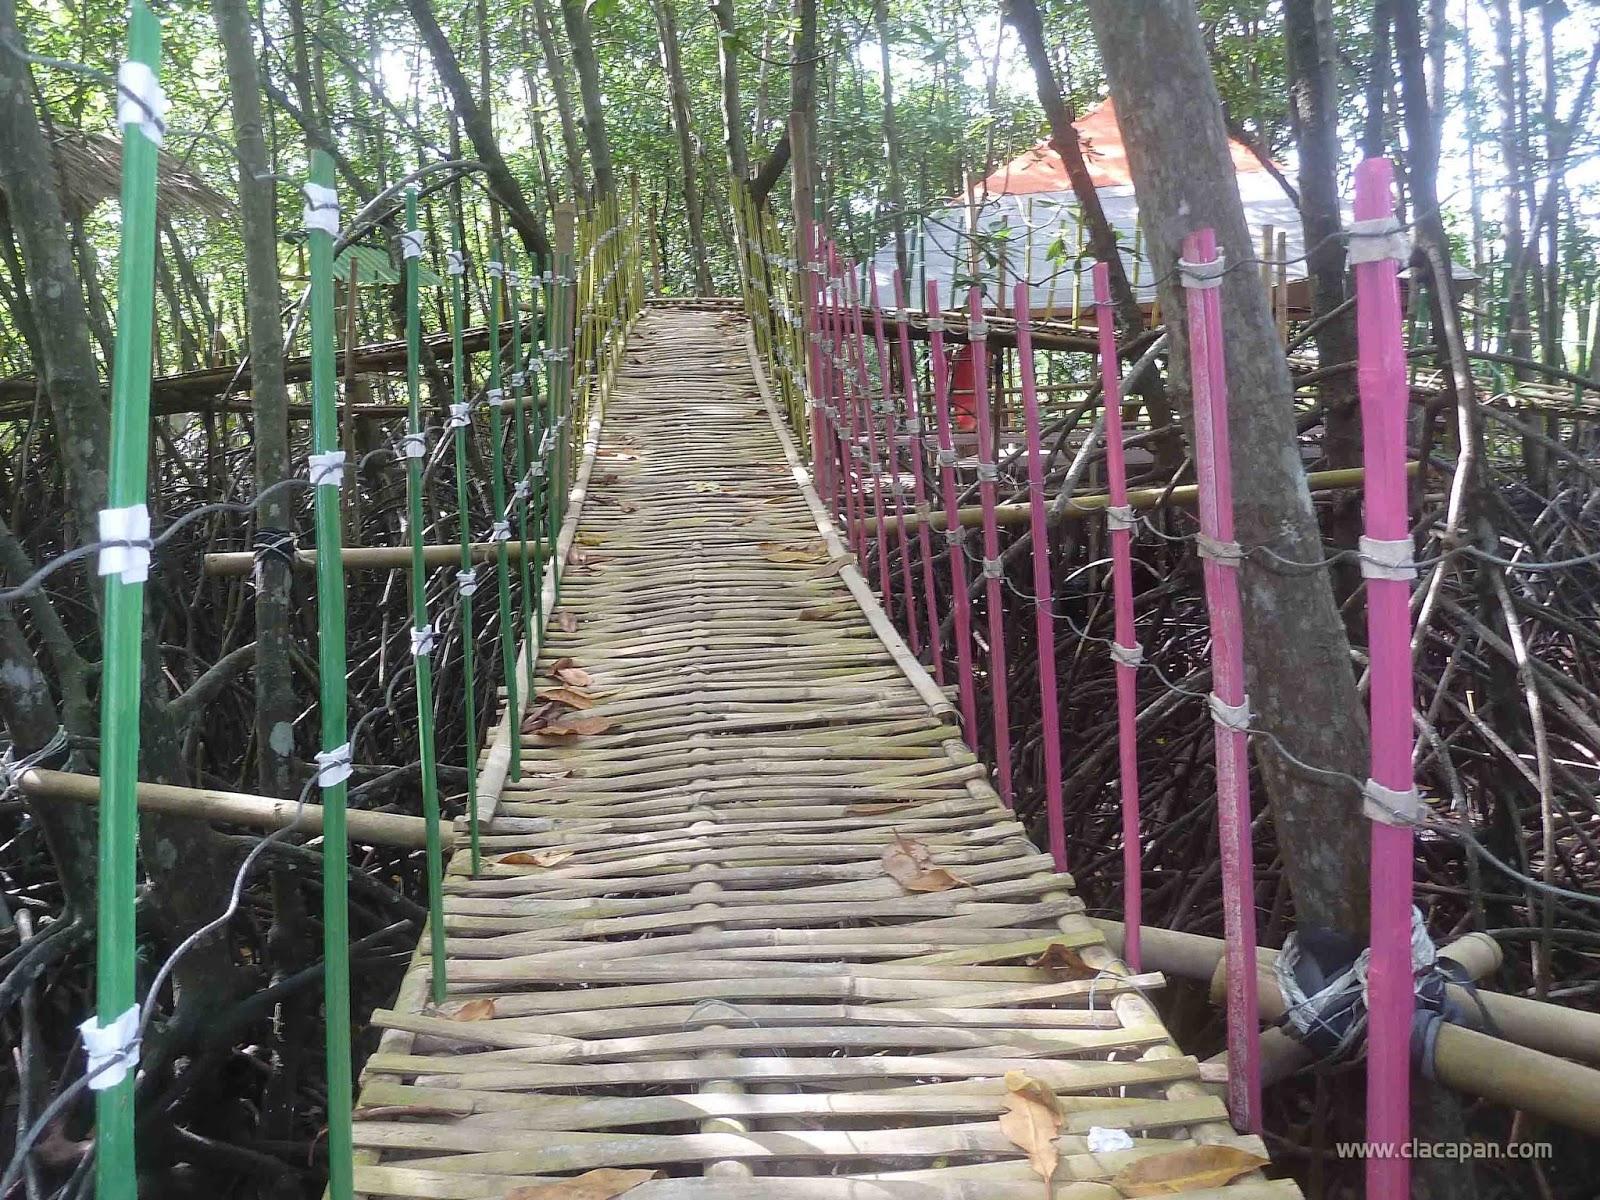 Wisata Hutan Payau Keindahannya Hampir Terlupakan Yuk Jembatan Penghubung Gazebo